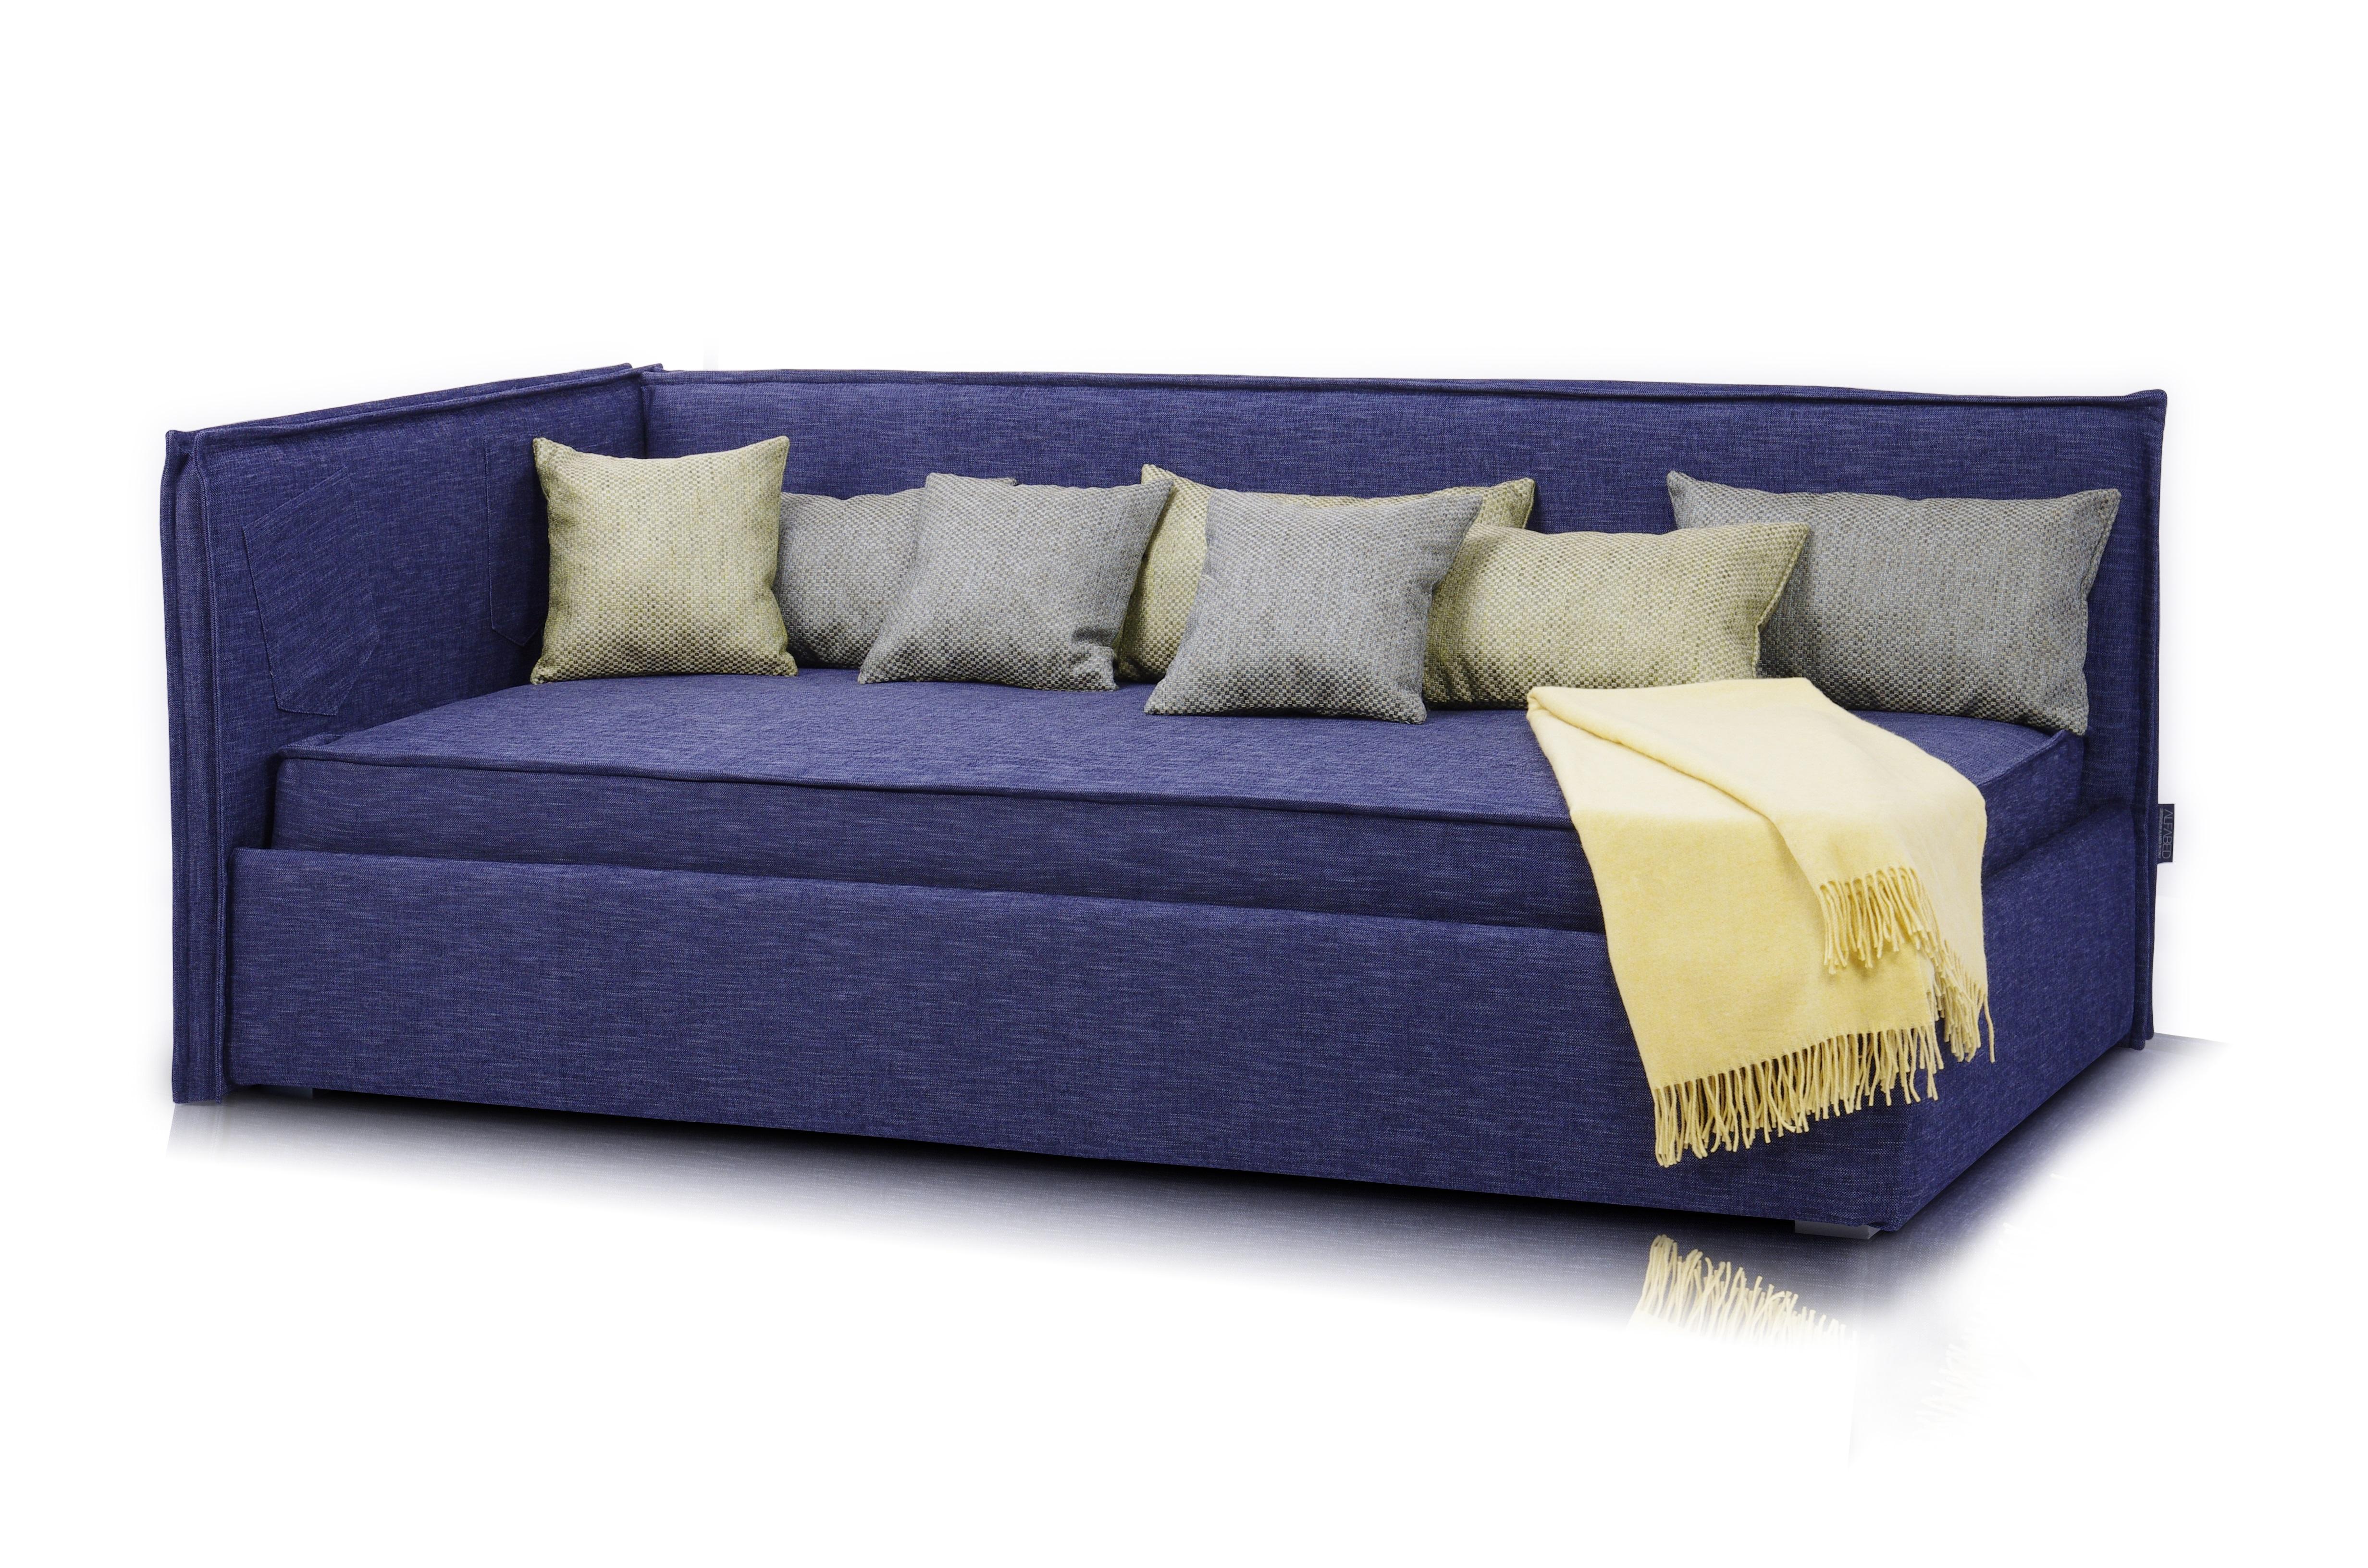 Кровать-диван SoloПрямые раскладные диваны<br>Кровать-диван  «Solo».                                                                                                                                                                                                                                                                                                                                                                                                                                                                                                    Штатный размер посадочного и спального места 200х120<br>Ортопедическое основание входит в комплект <br>Ортопедический матрас в комплекте.<br>Декоративные подушки входят в комплект поставки<br>Плед в комплект не входит<br>Элемент дизайна: отличается современным дизайном и высокой функциональностью. Он занимает мало места и способен вписаться в помещение,оформленное в любом стиле <br>Цвет синий Denim<br>Все чехлы съемные на липучках (можно чистить)&amp;amp;nbsp;&amp;lt;div&amp;gt;Декоративные подушки и плед в стоимость не входят.&amp;lt;/div&amp;gt;<br><br>Material: Текстиль<br>Ширина см: 210<br>Высота см: 90<br>Глубина см: 130